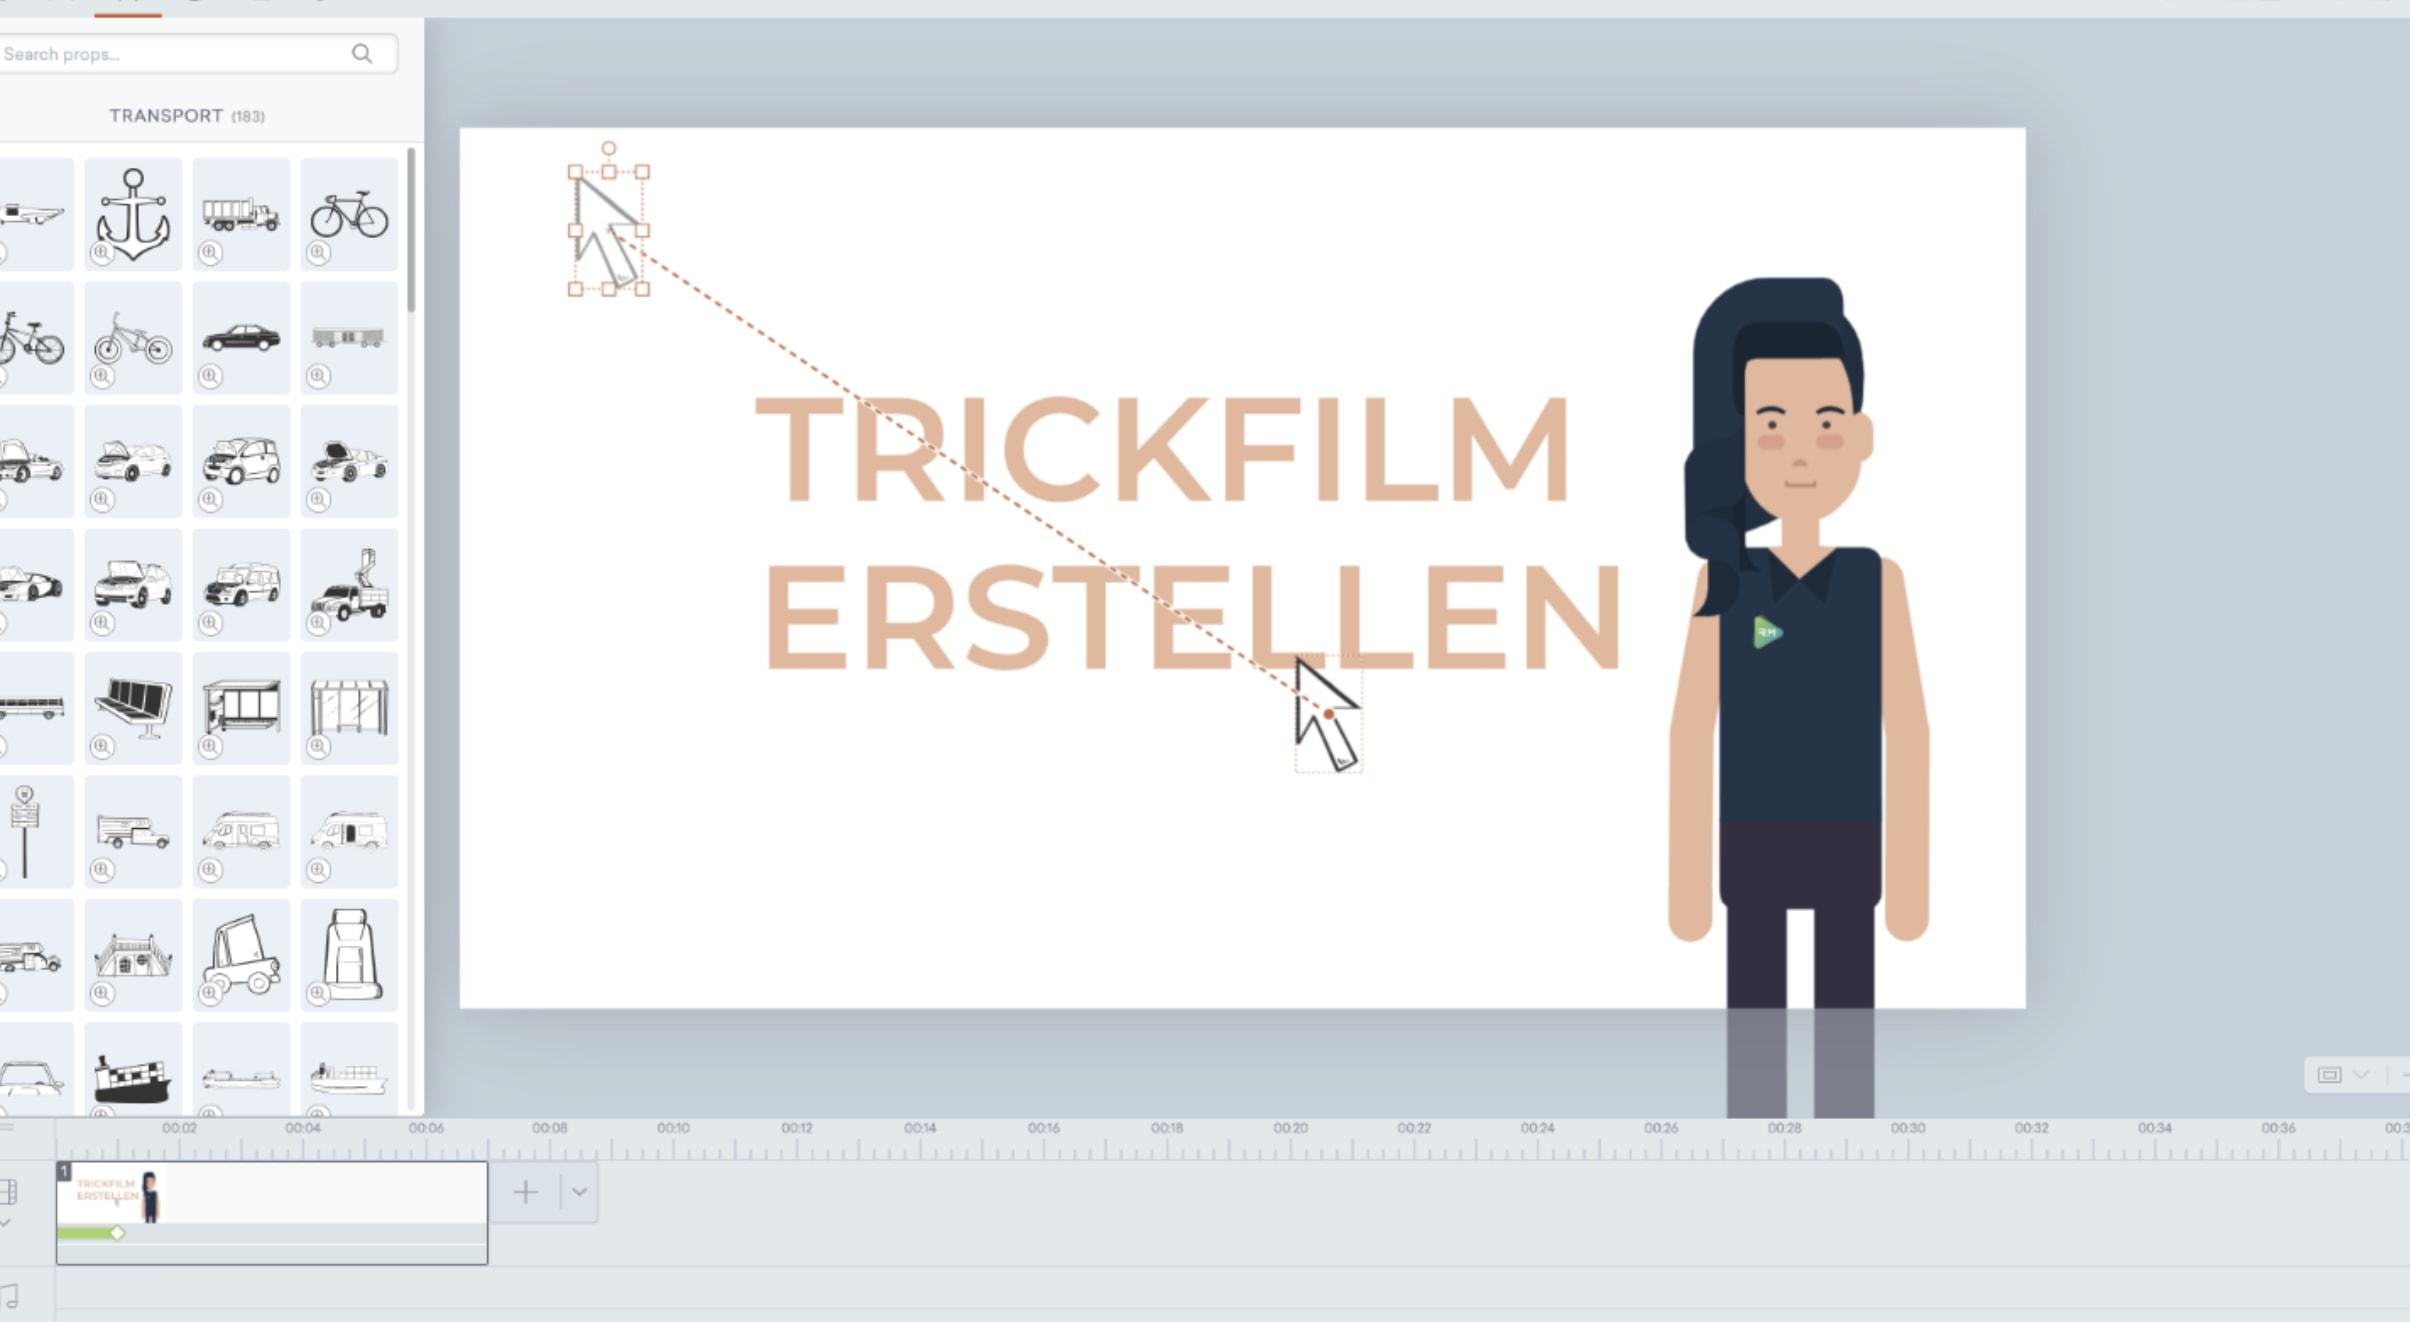 trickfilm erstellen